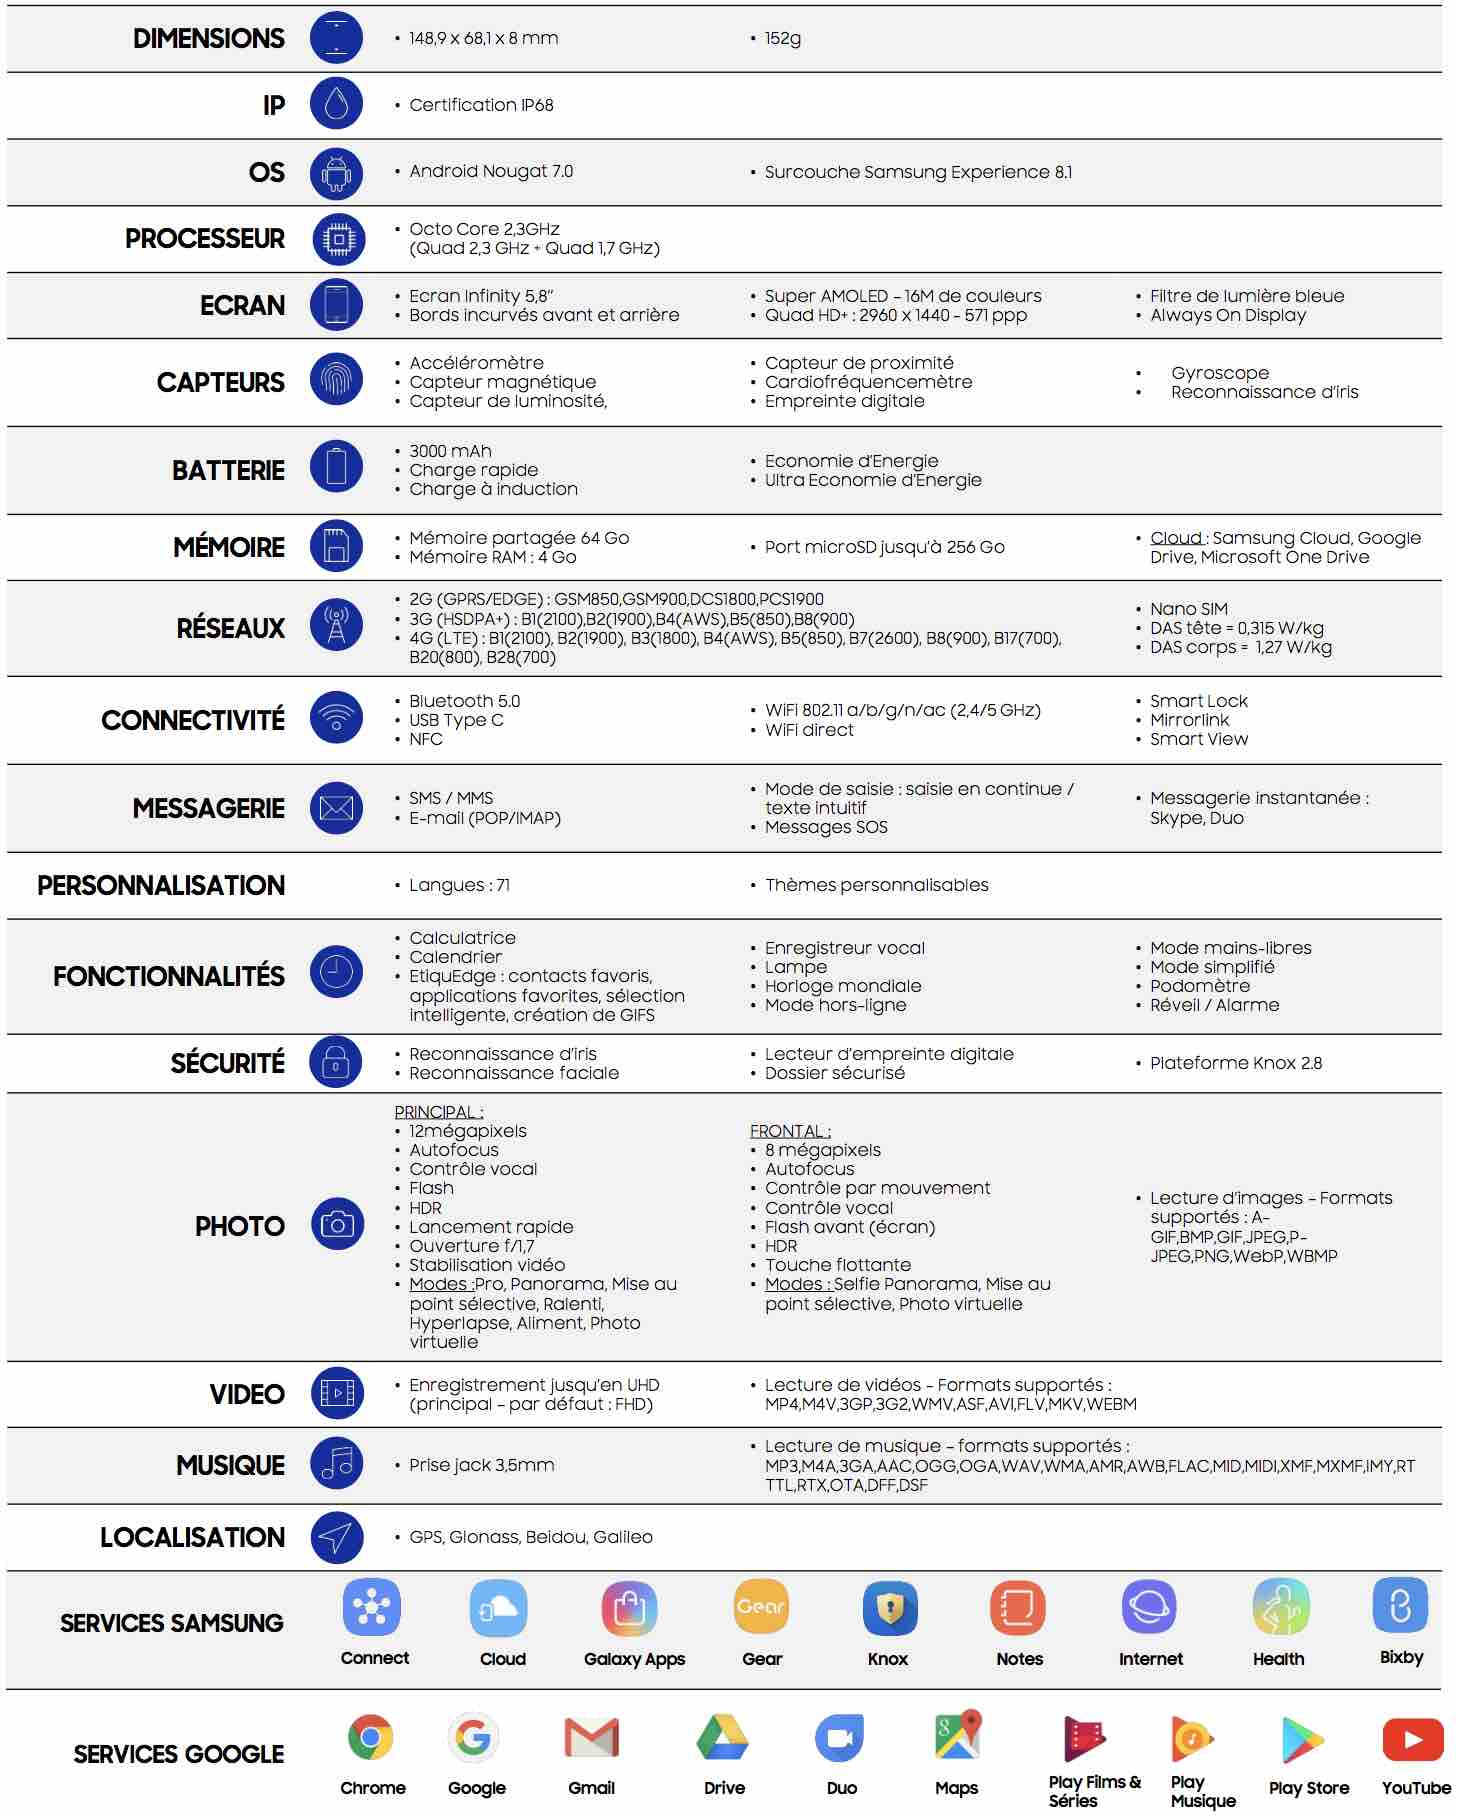 galaxy s8 fiche technique pdf